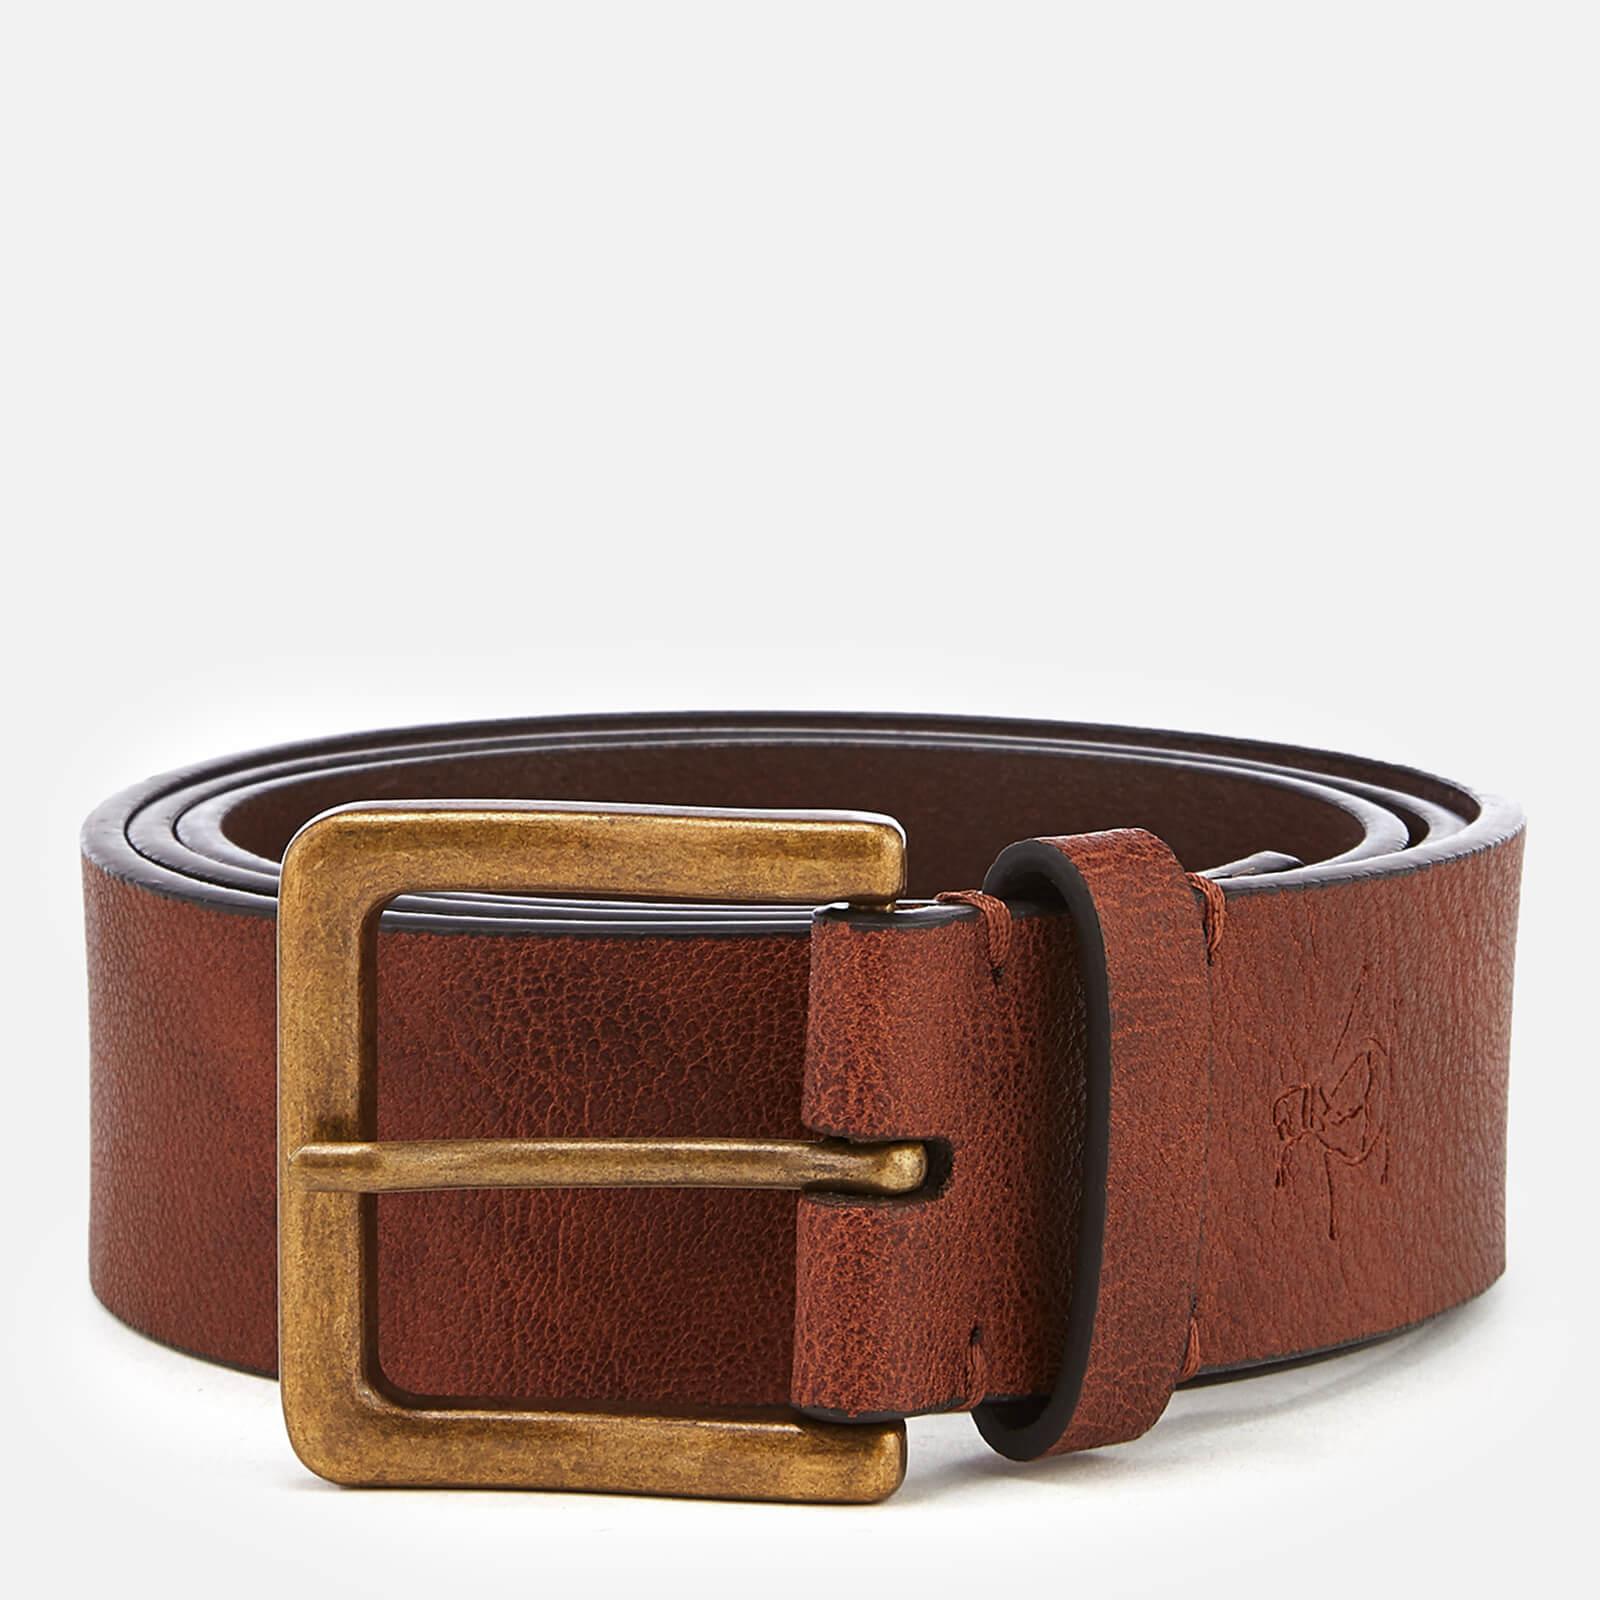 eb6a29993fcf Original Penguin Men's Leather Jeans Belt - Brown Mens Accessories ...